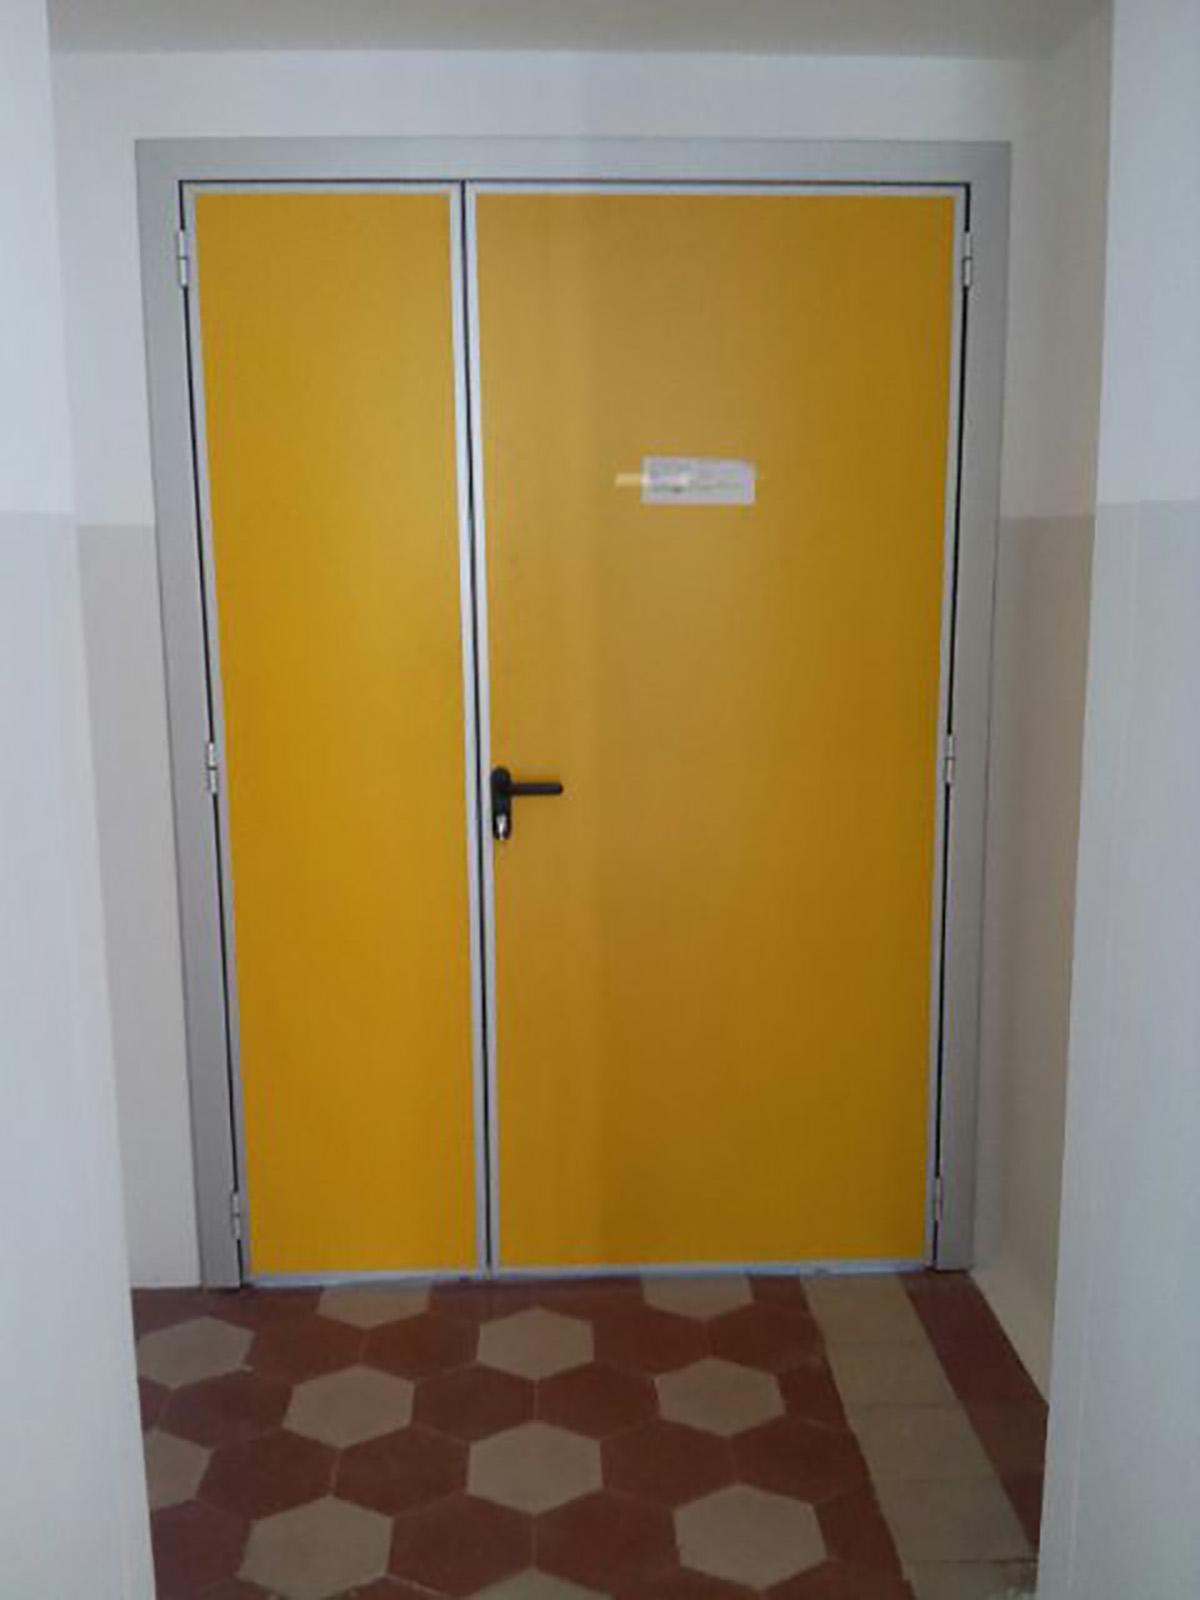 Perico-Renato-Pradalunga (BG) - Scuola comunale - Manutenzione straordinaria 14